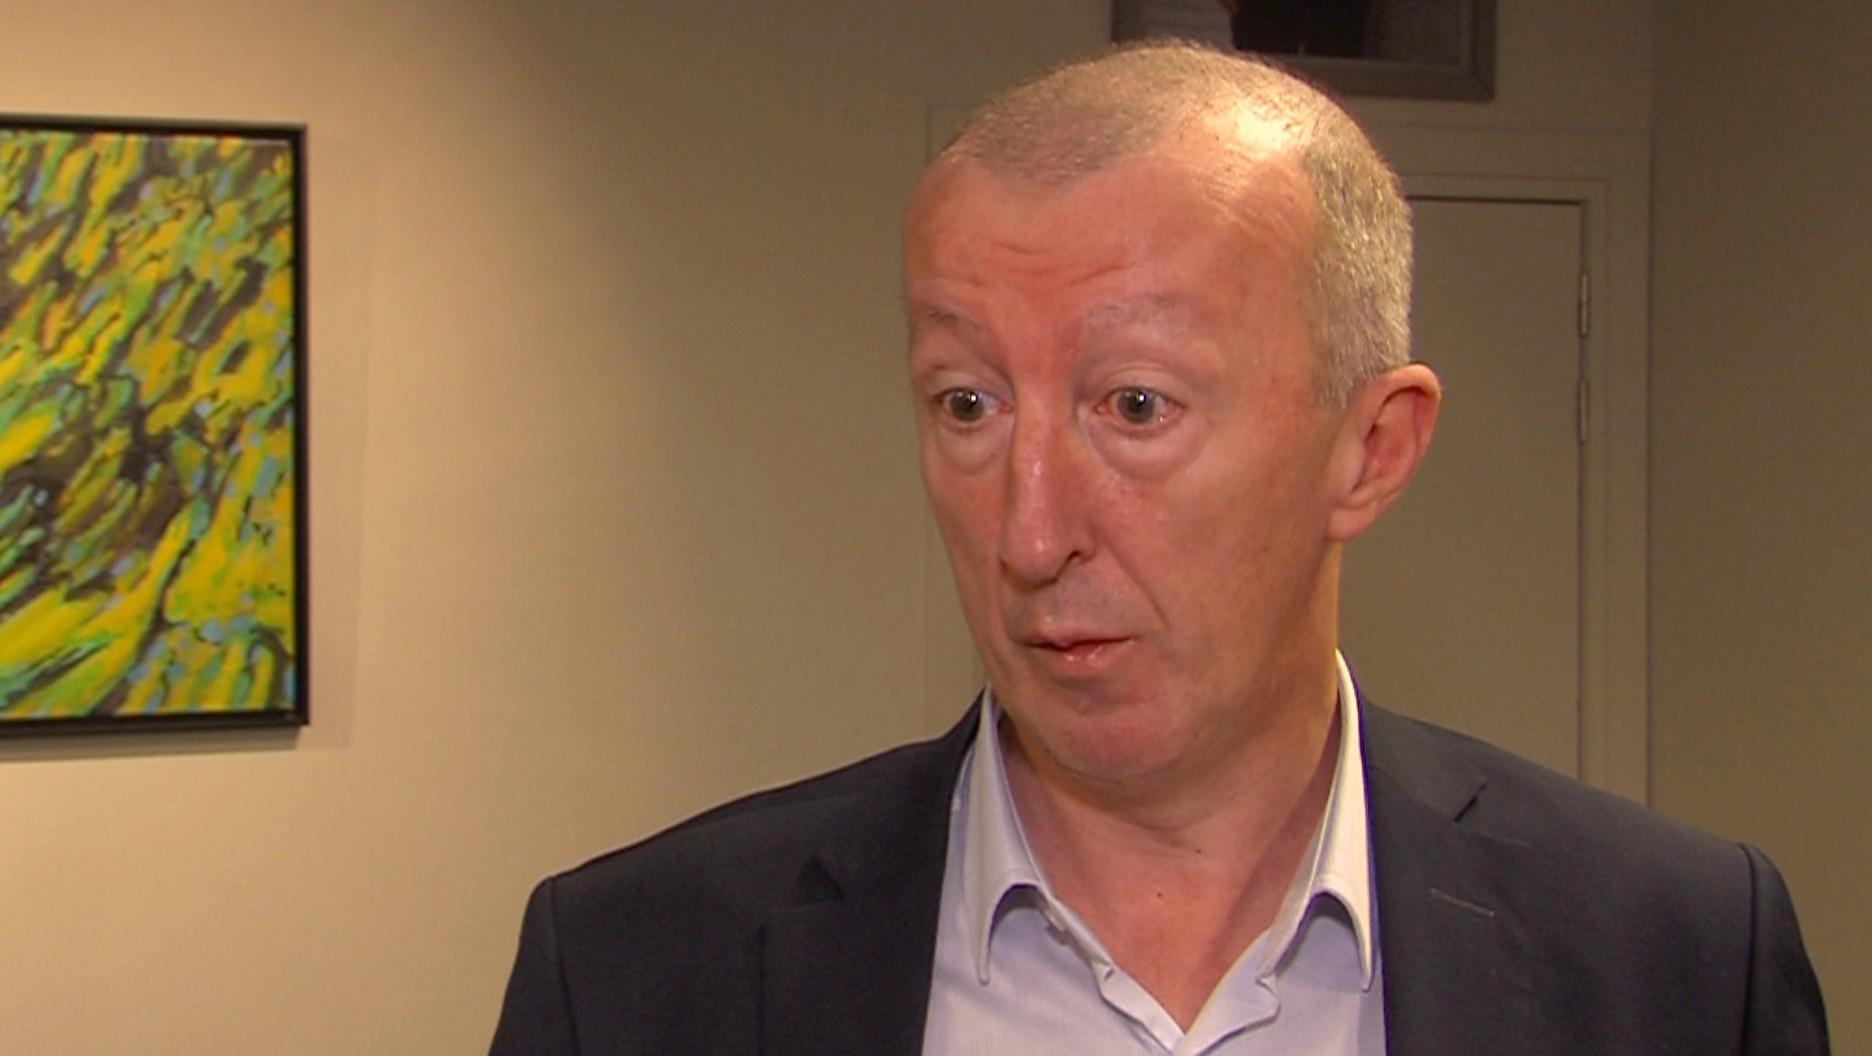 Le bourgmestre Bourdeaud'huy suggère que le ministre Furlan démissionne